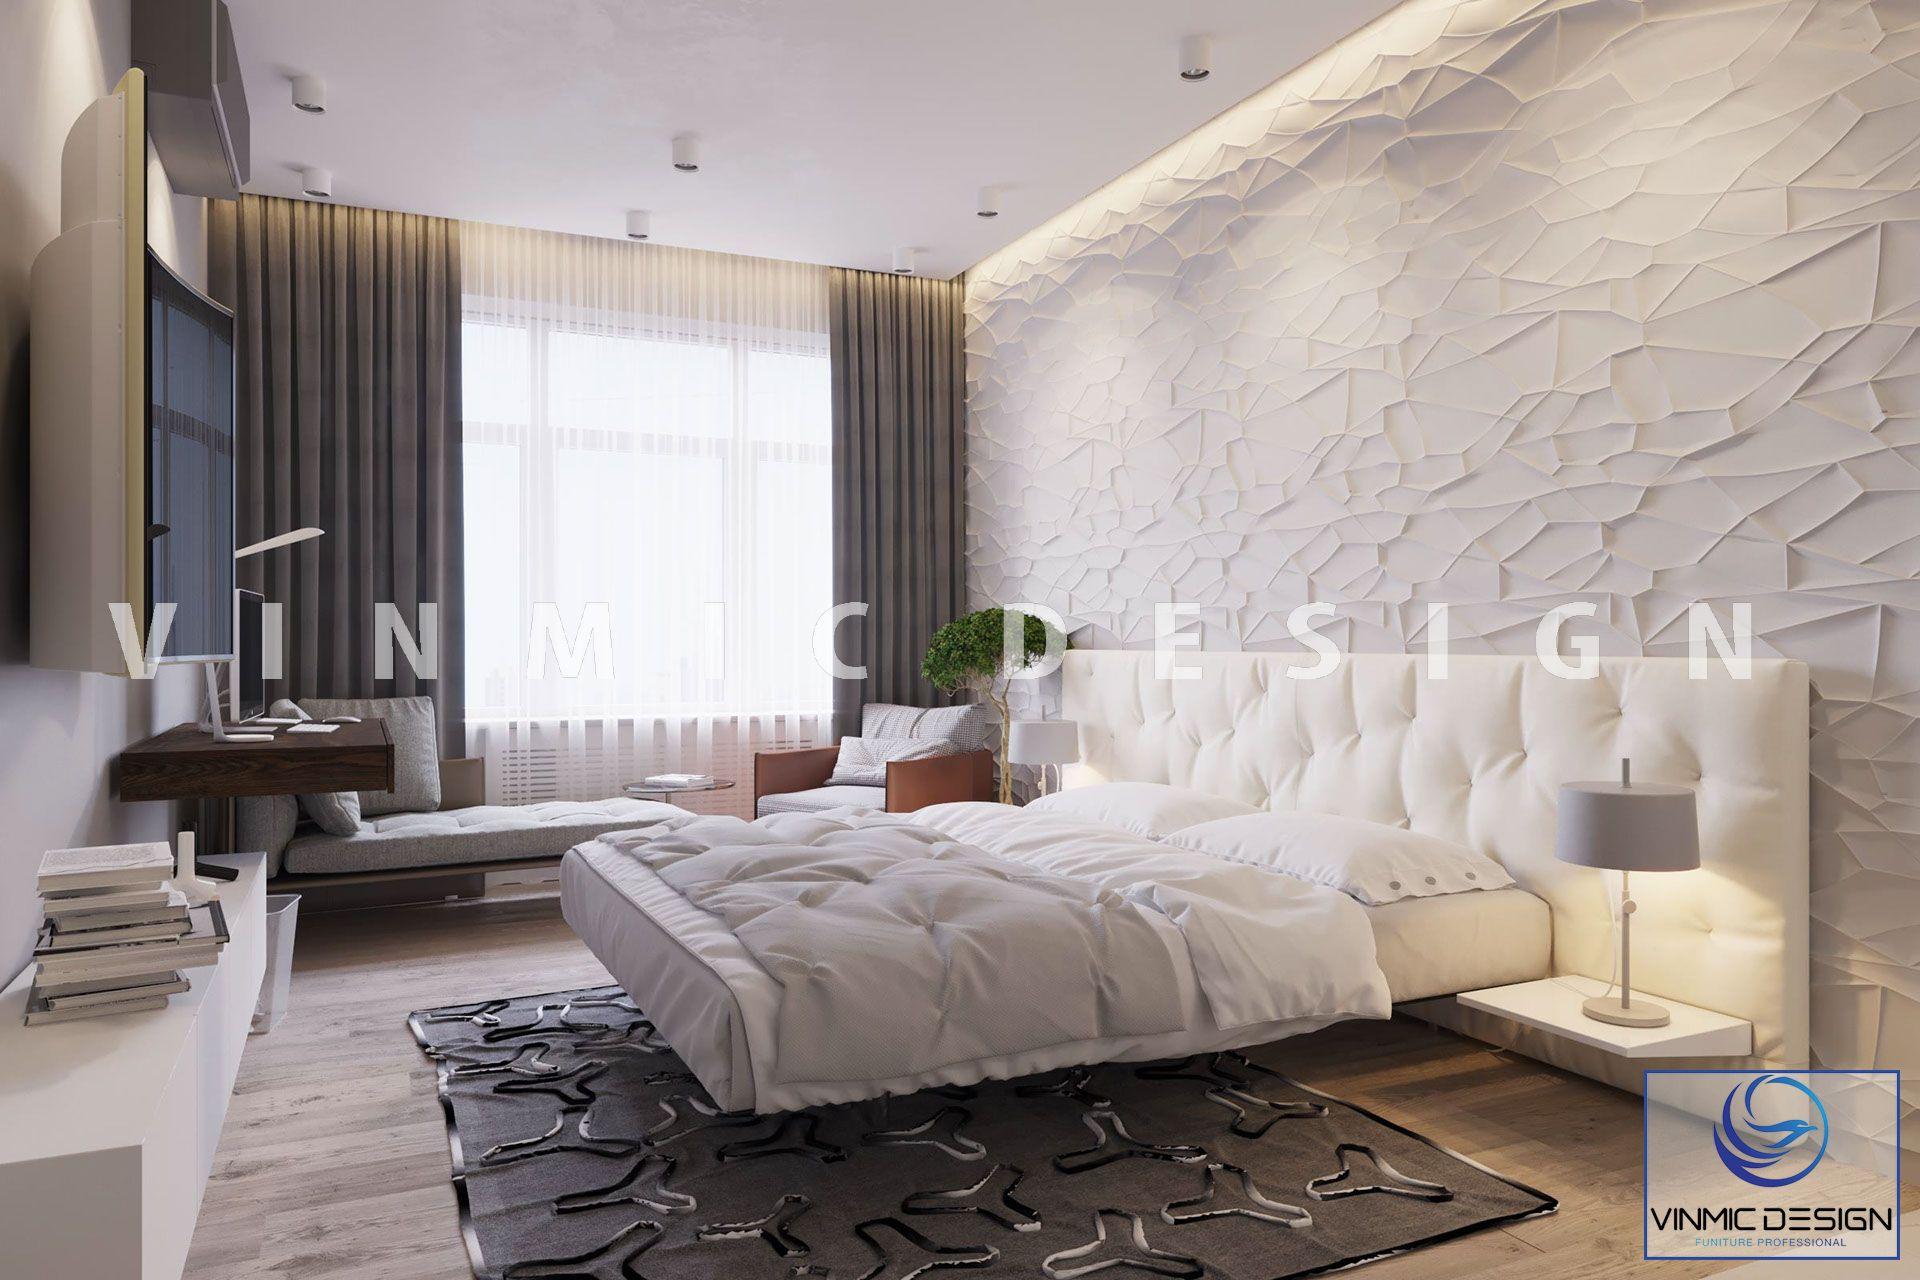 Thiết kế nội thất phòng ngủ sáng tạo, đầy nghệ thuật